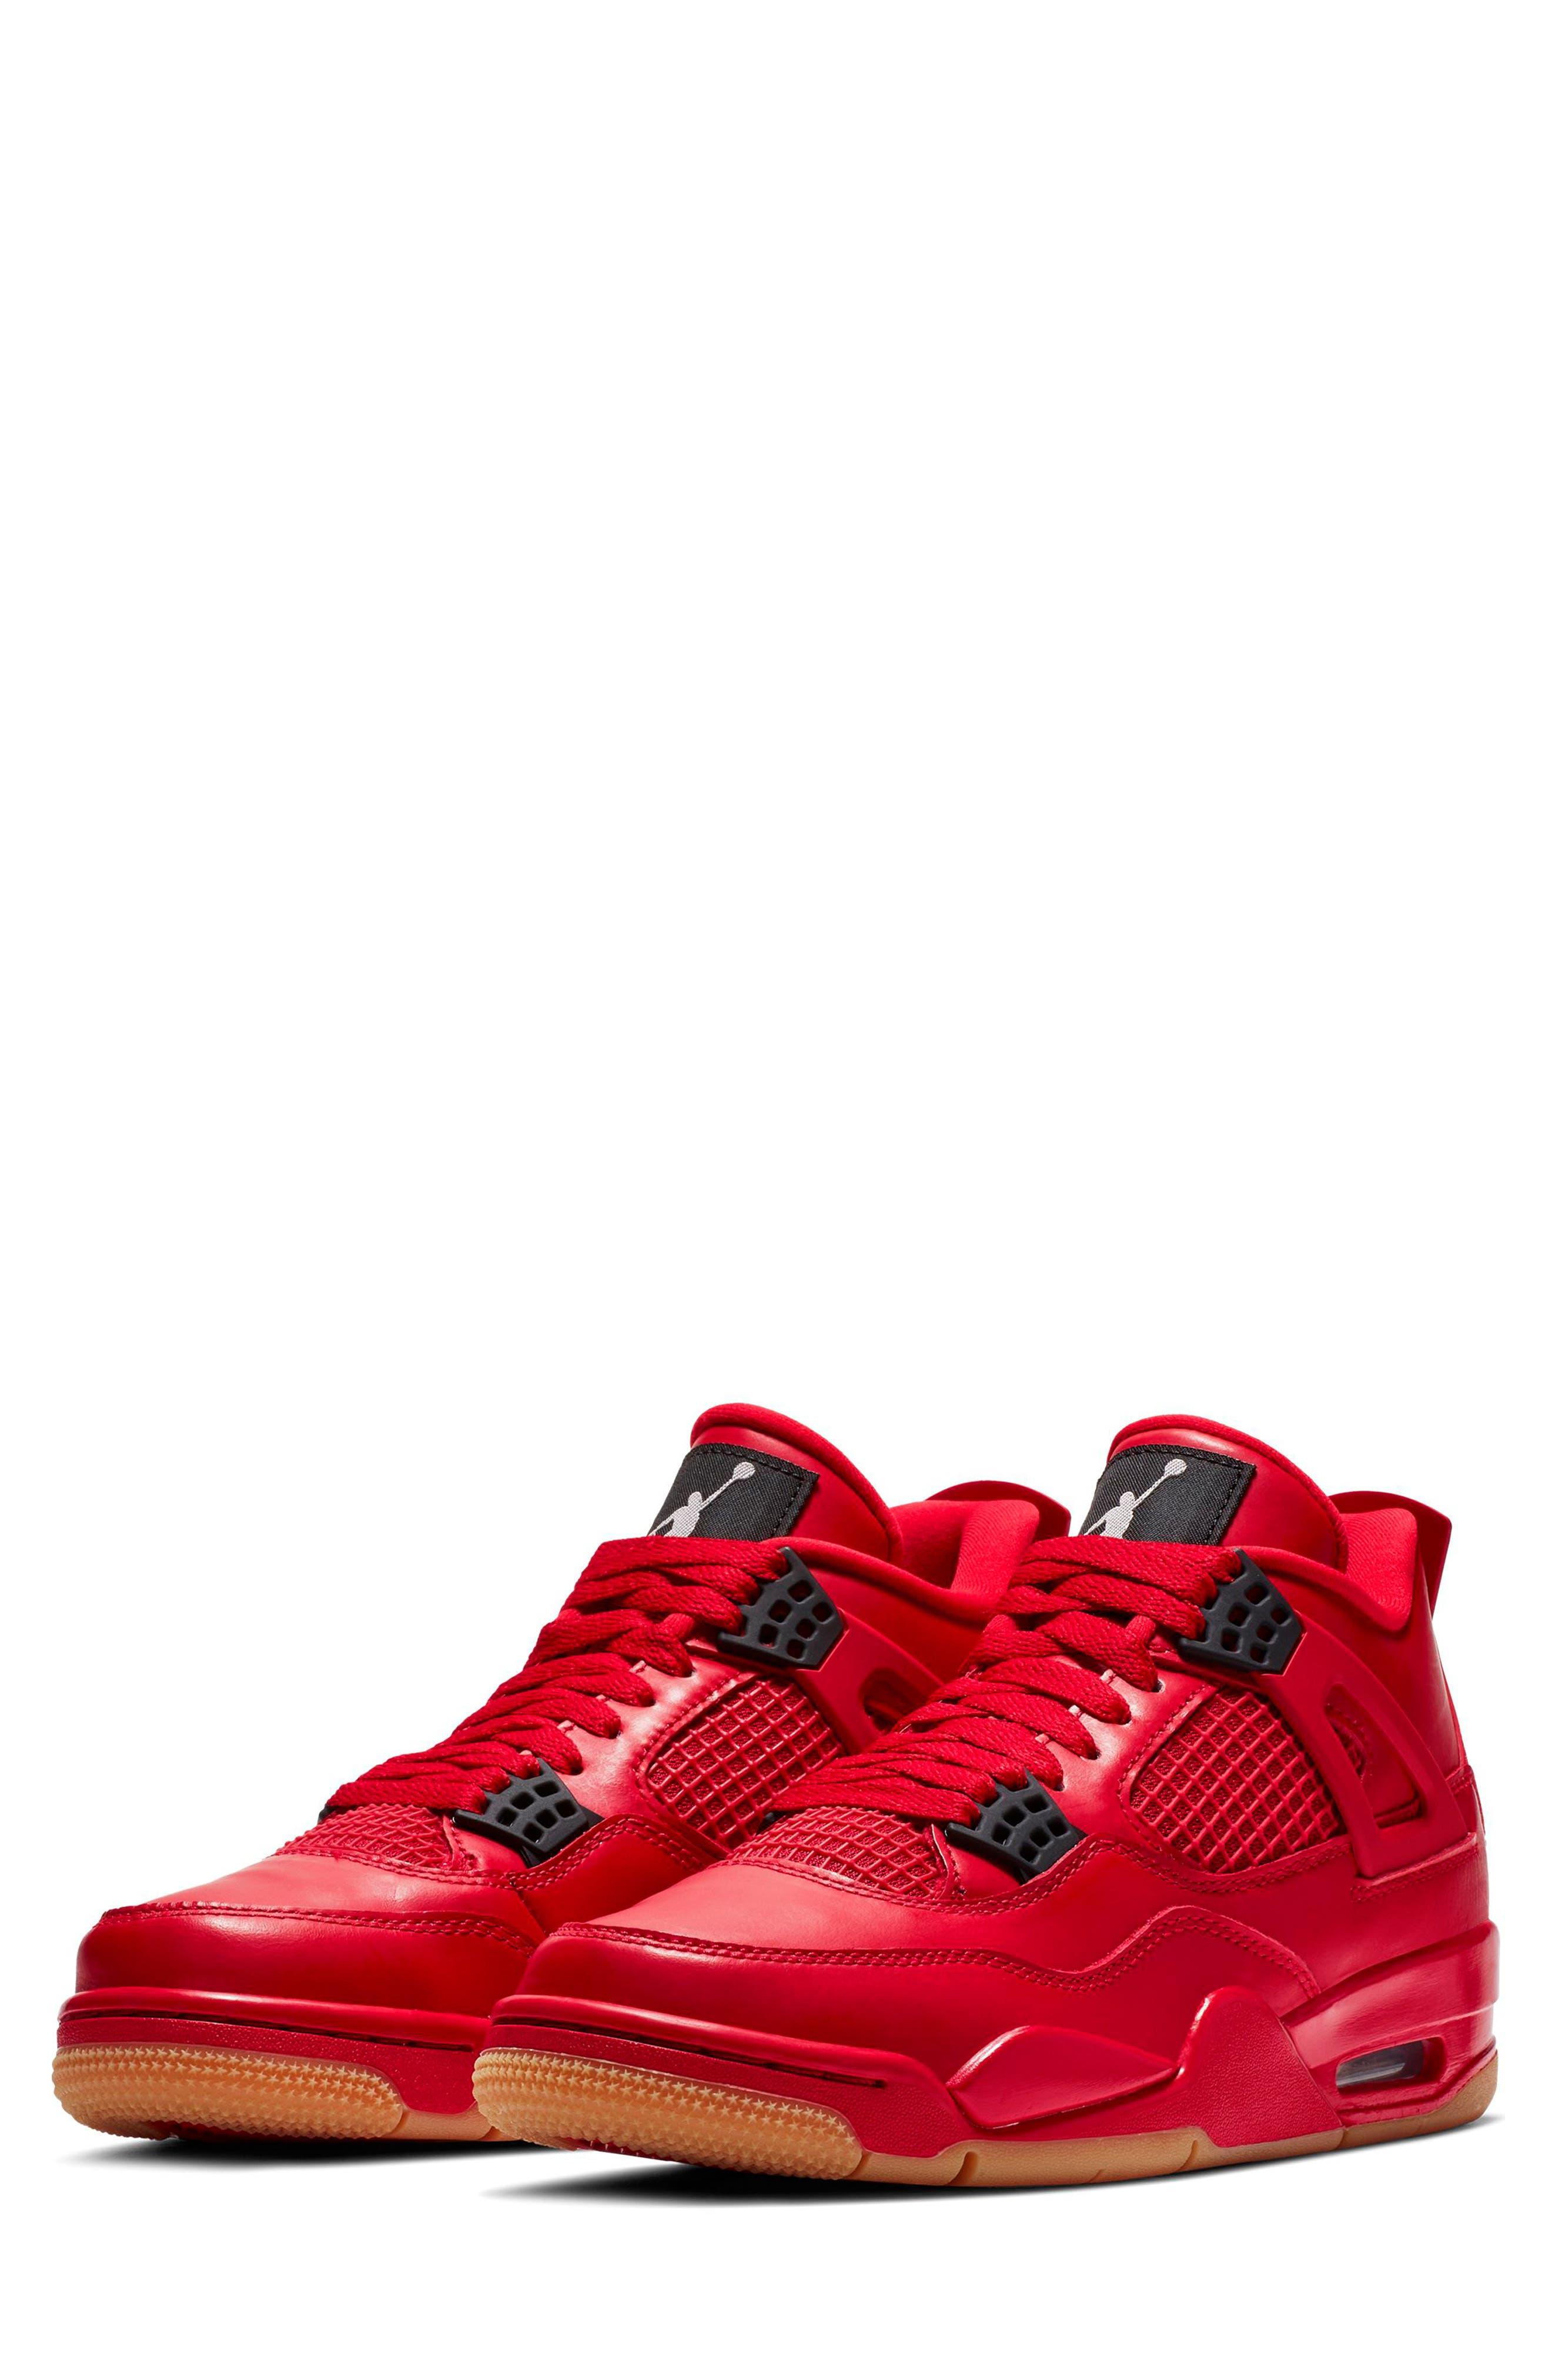 88200897f4d3 ... closeout nike air jordan 4 retro sneaker women 06ea9 70f4b